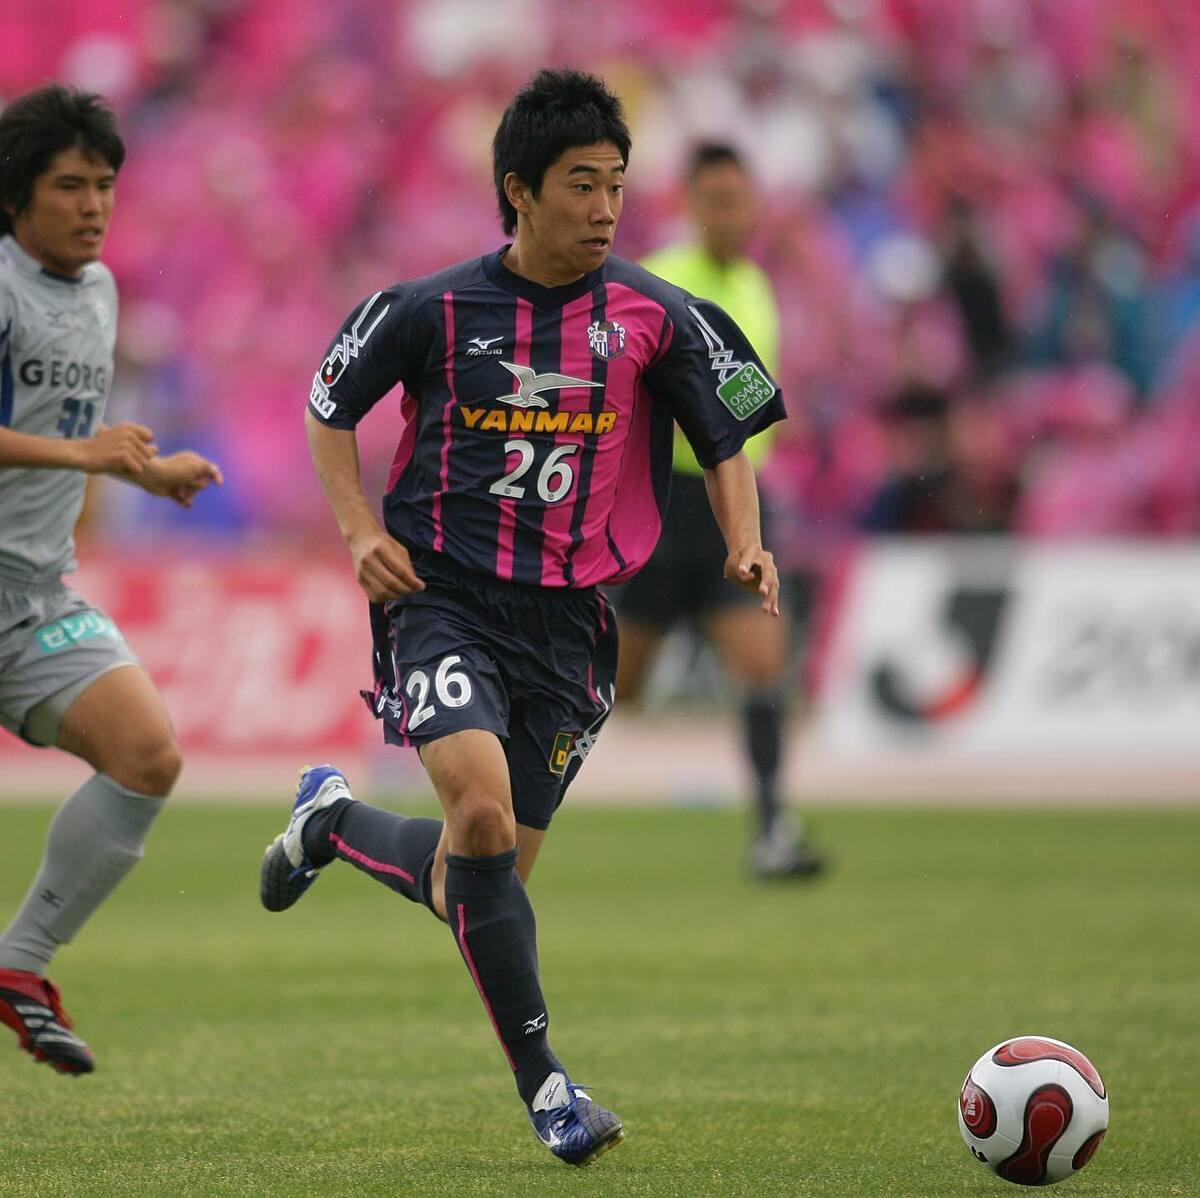 Shinji Kagawa từng chơi cho Cerezo từ tuổi 17, khoác áo CLB thành phố Osaka này giai đoạn 2006-2010 trước khi sang châu Âu, lần lượt chơi cho Dortmund, Man Utd, Besiktas, Zaragoza. Ảnh: Cerezo Osaka